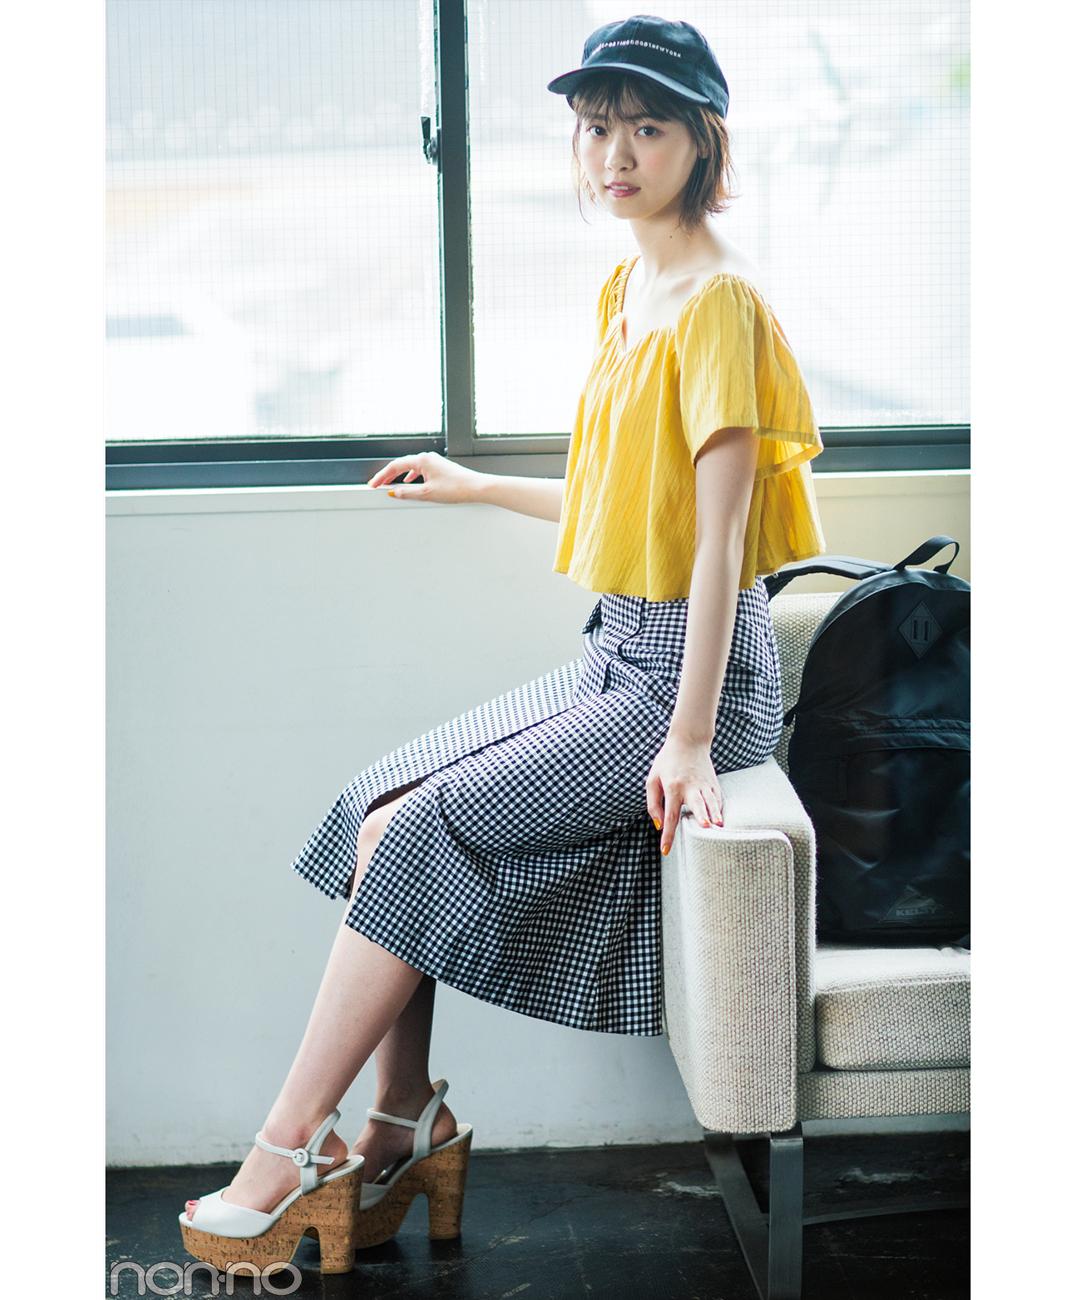 【夏のロングスカートコーデ】西野七瀬は、ギンガムチェックに小物を添えてやんちゃ感をプラス!